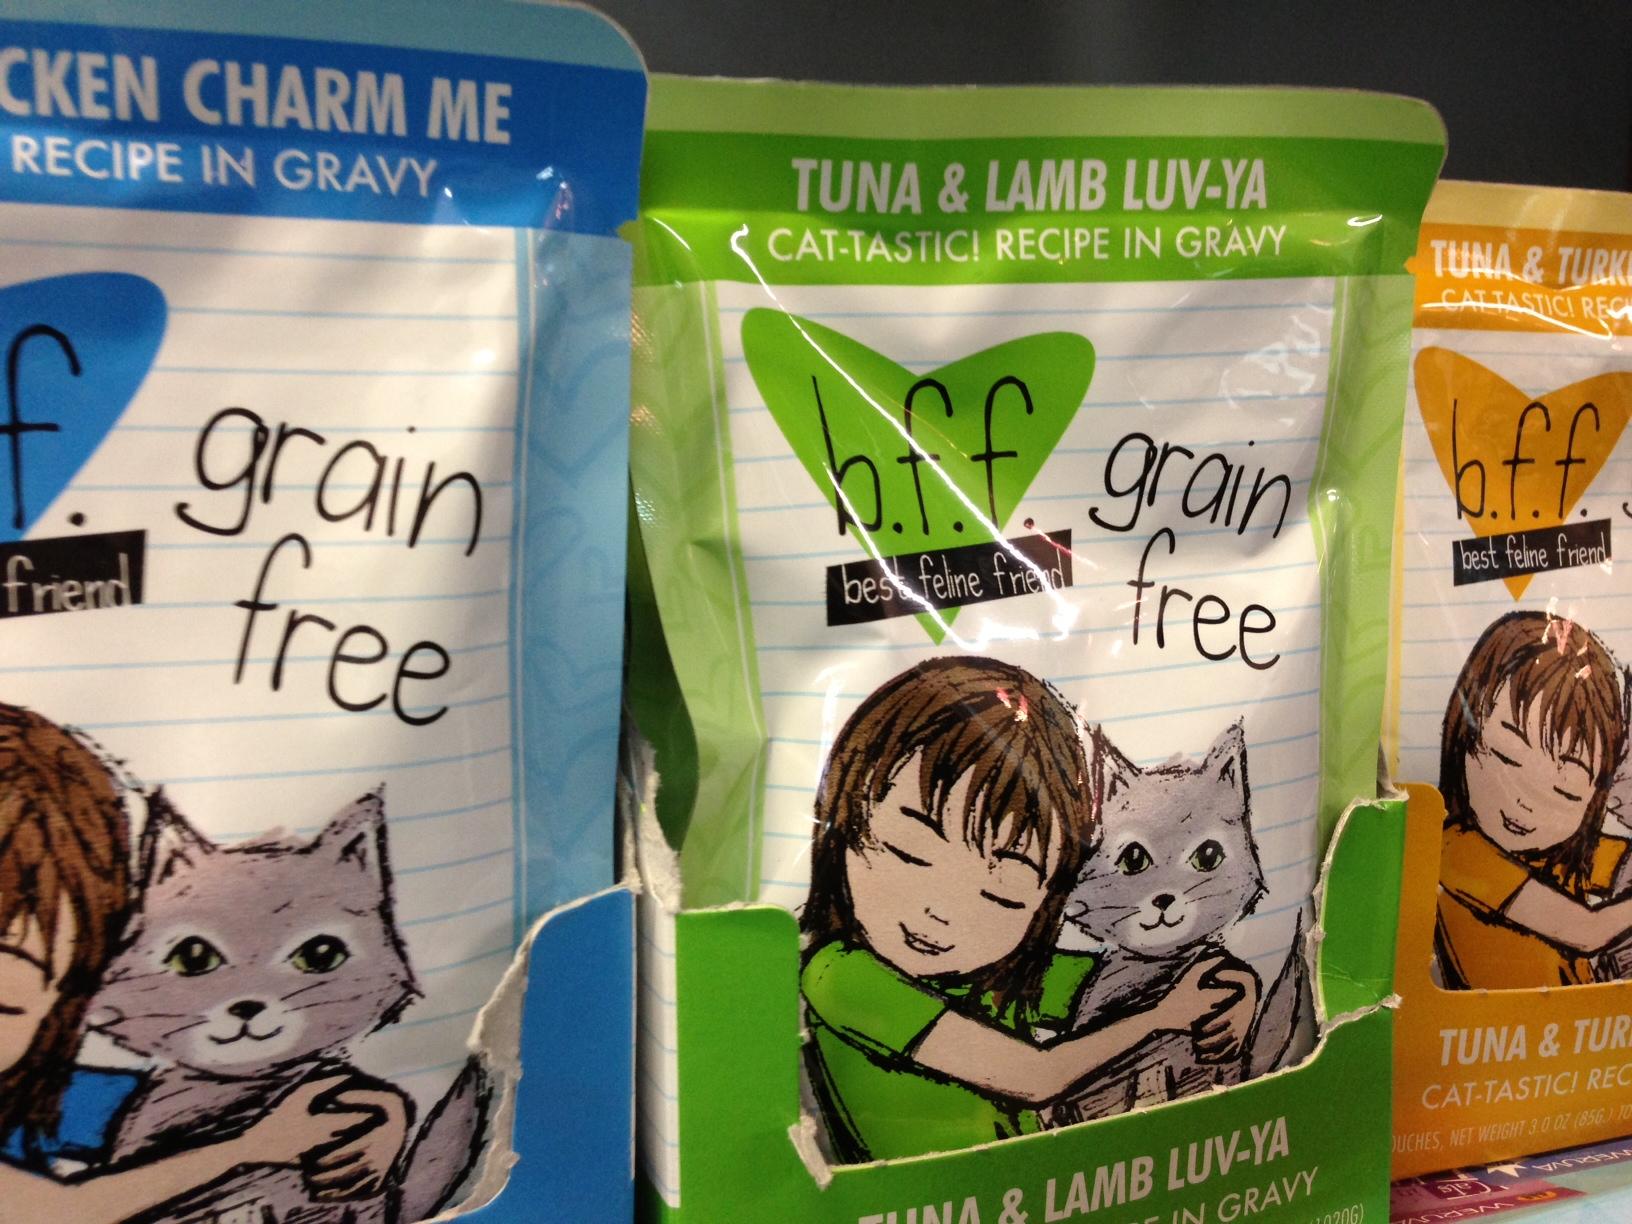 bff-wag-natural-pet-market-tampa